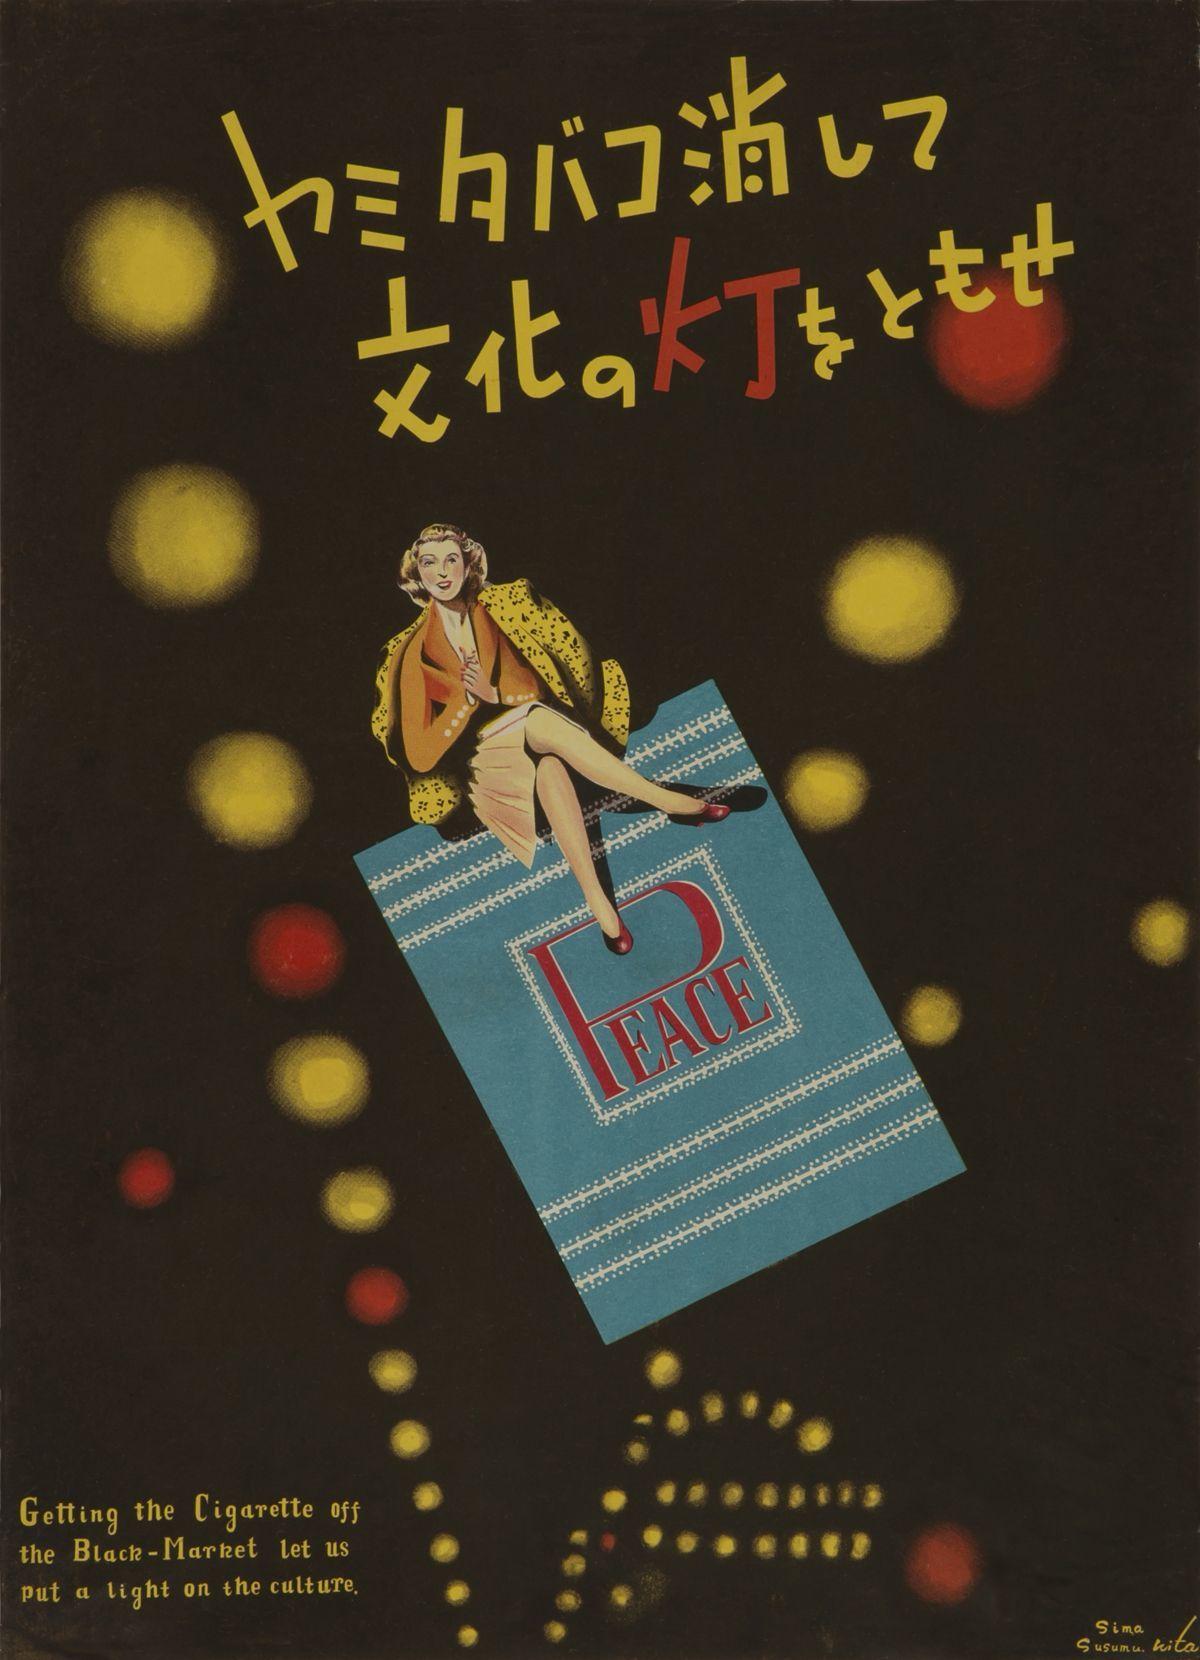 「ヤミタバコ消して文化の灯をともせ」ポスター 1950年(たばこと塩の博物館)